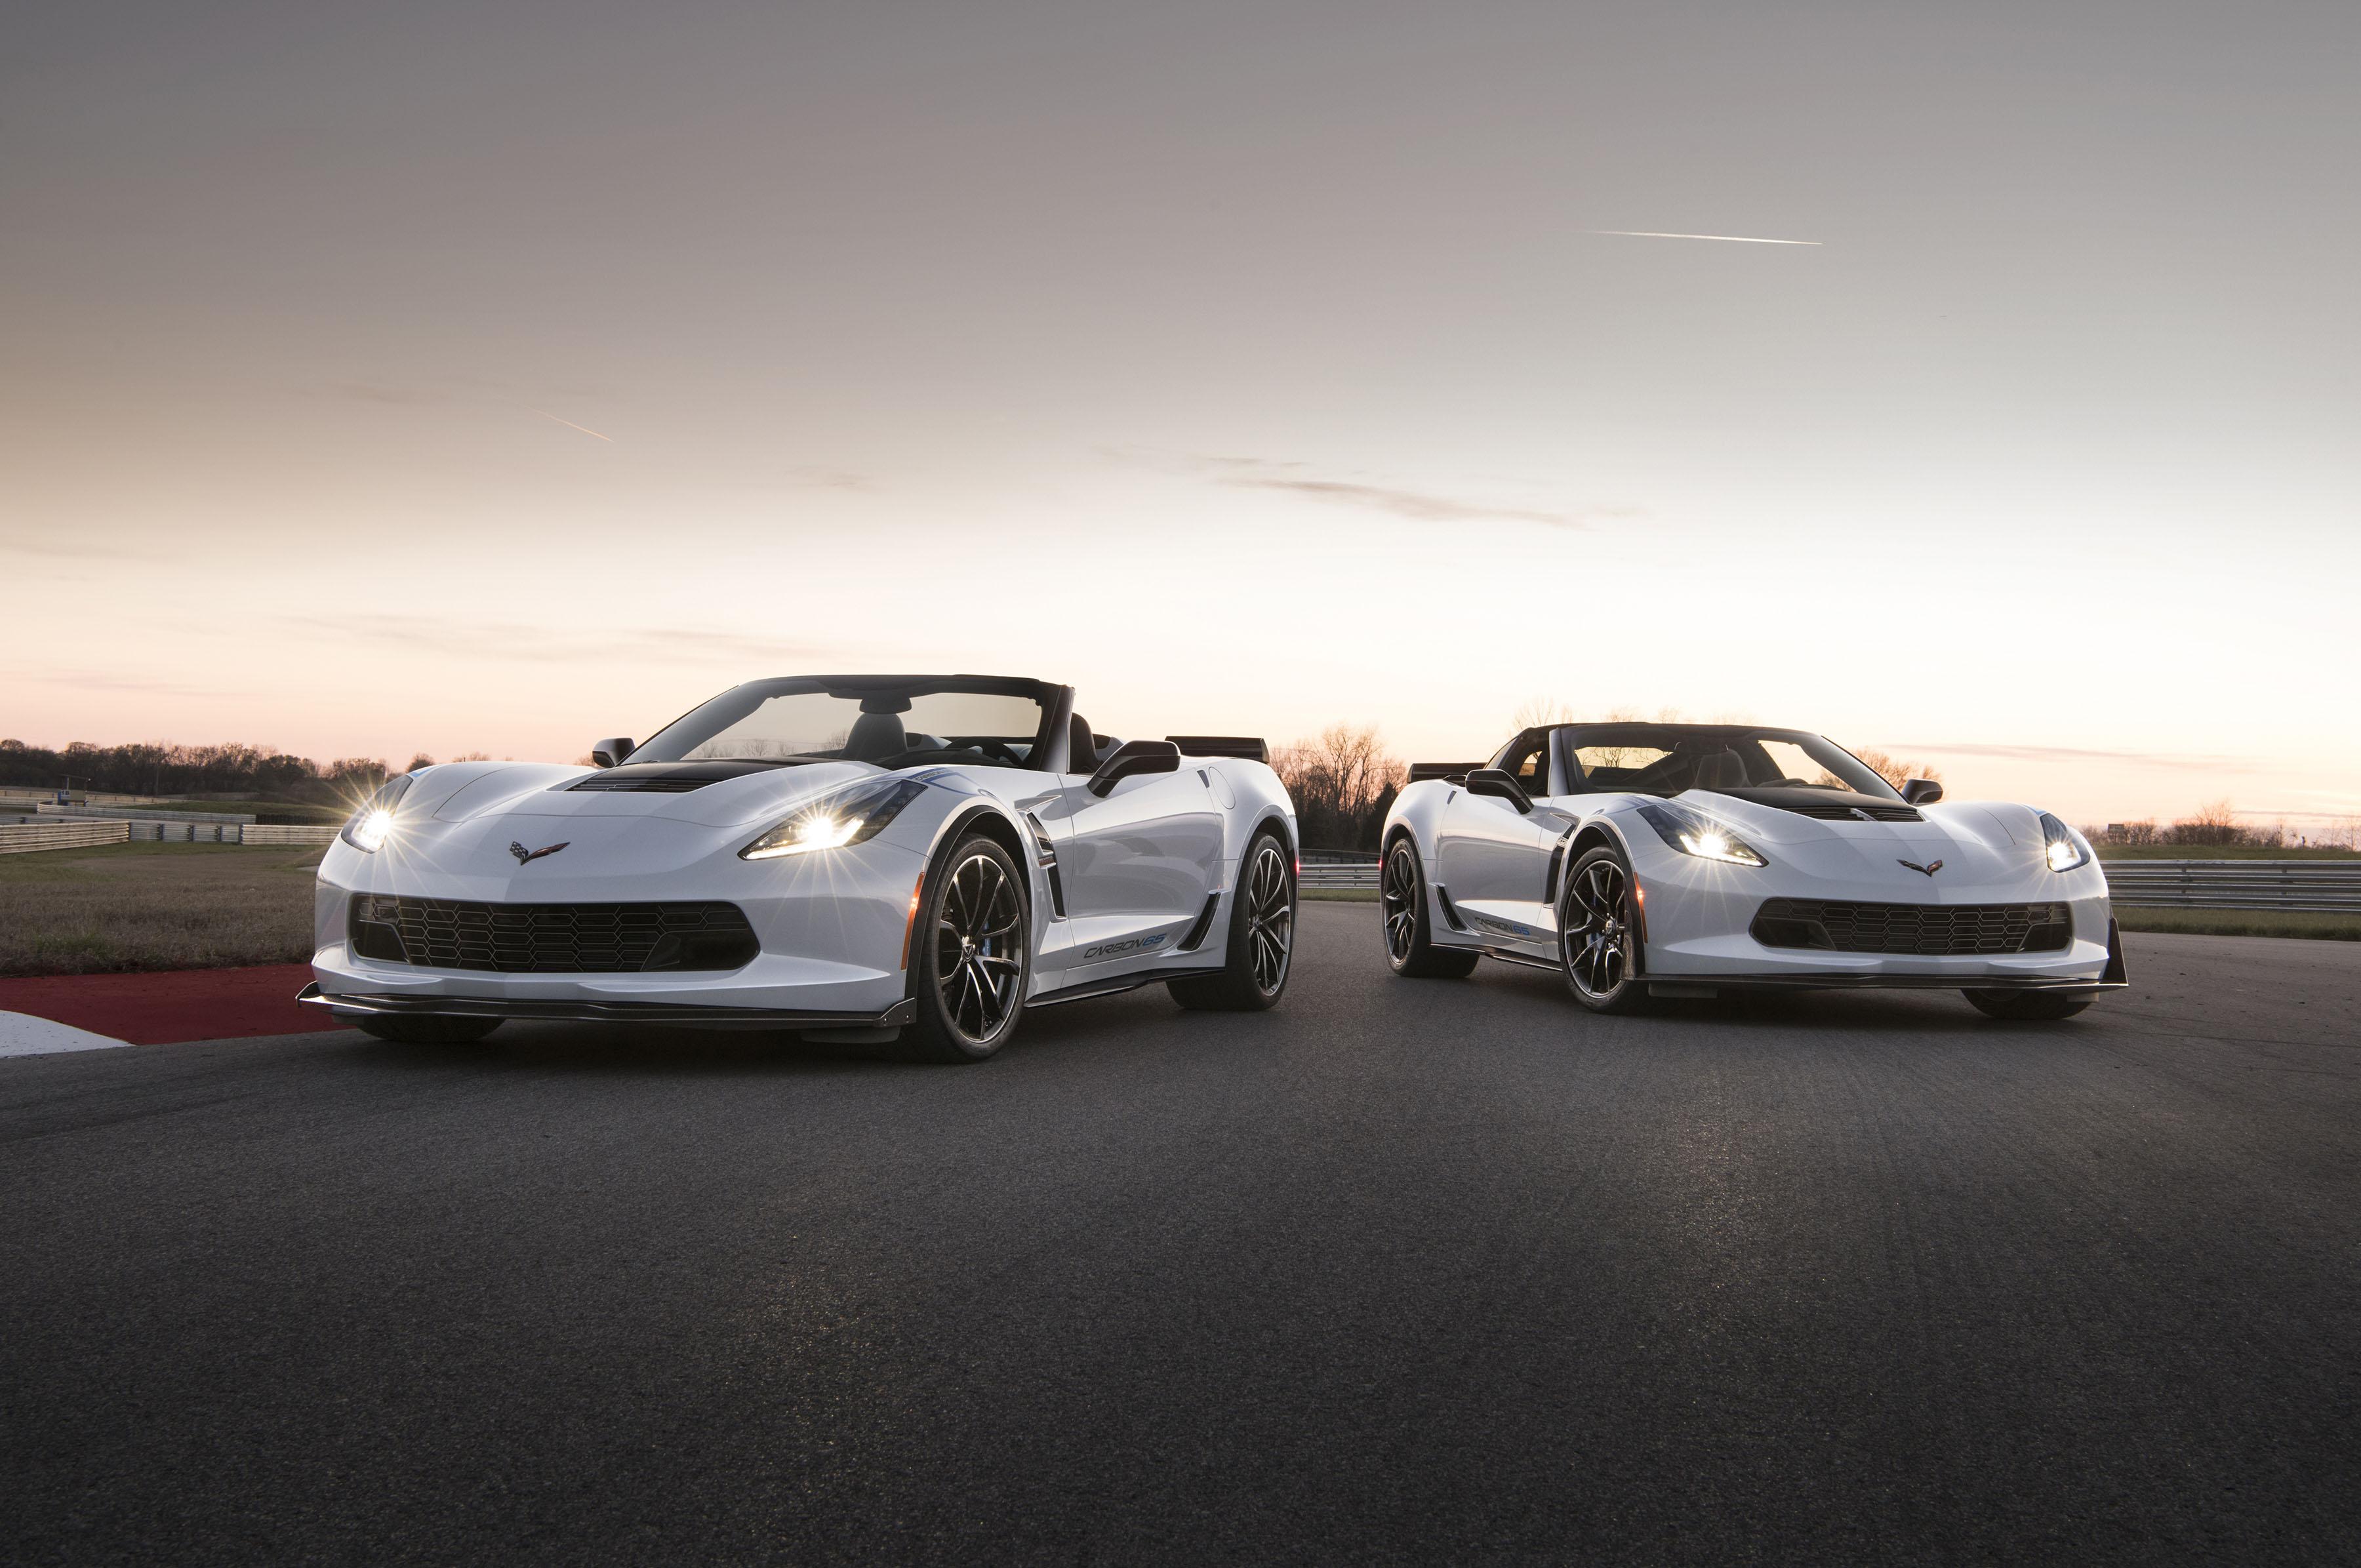 2018 Chevrolet Corvette Carbon 65 Edition Models